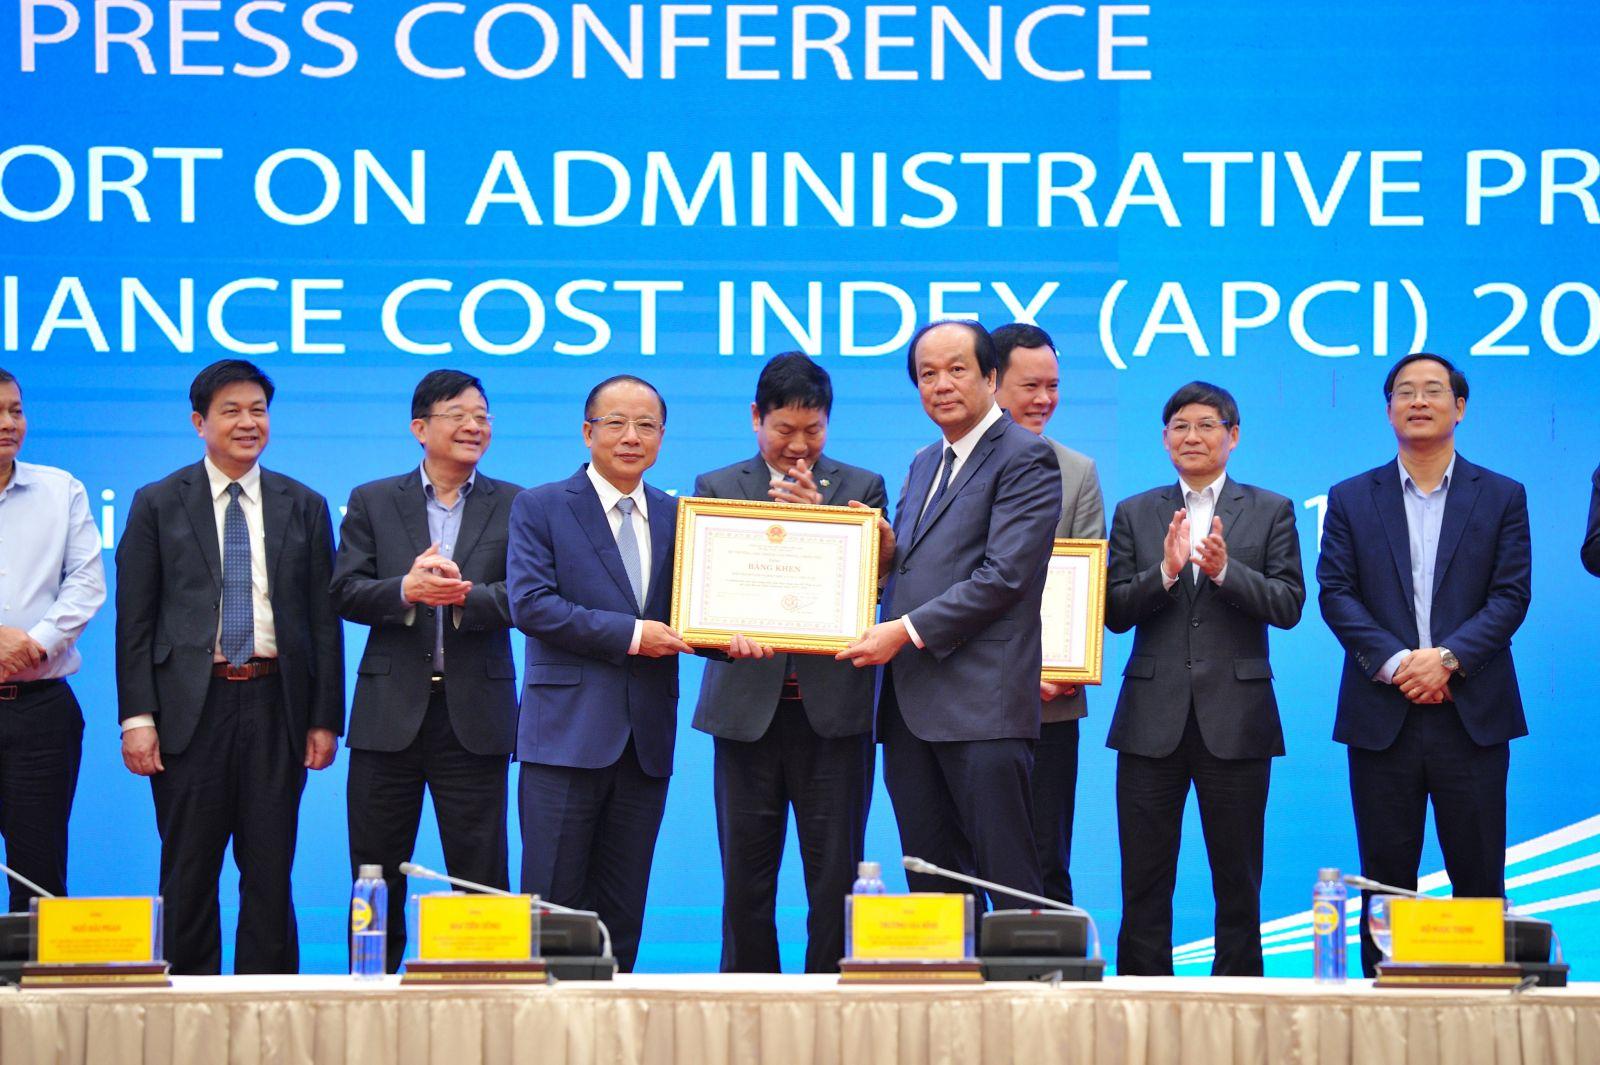 TS. Nguyễn Văn Thân - Chủ tịch Hiệp hội doanh nghiệp nhỏ và vừa Việt Nam (VINASME) đã được tặng bằng khen tập thể và cá nhân có thành tích xuất sắc trong triển khai hoạt động của hội đồng tư vấn CCTTHC giai đoạn 2017-2020.